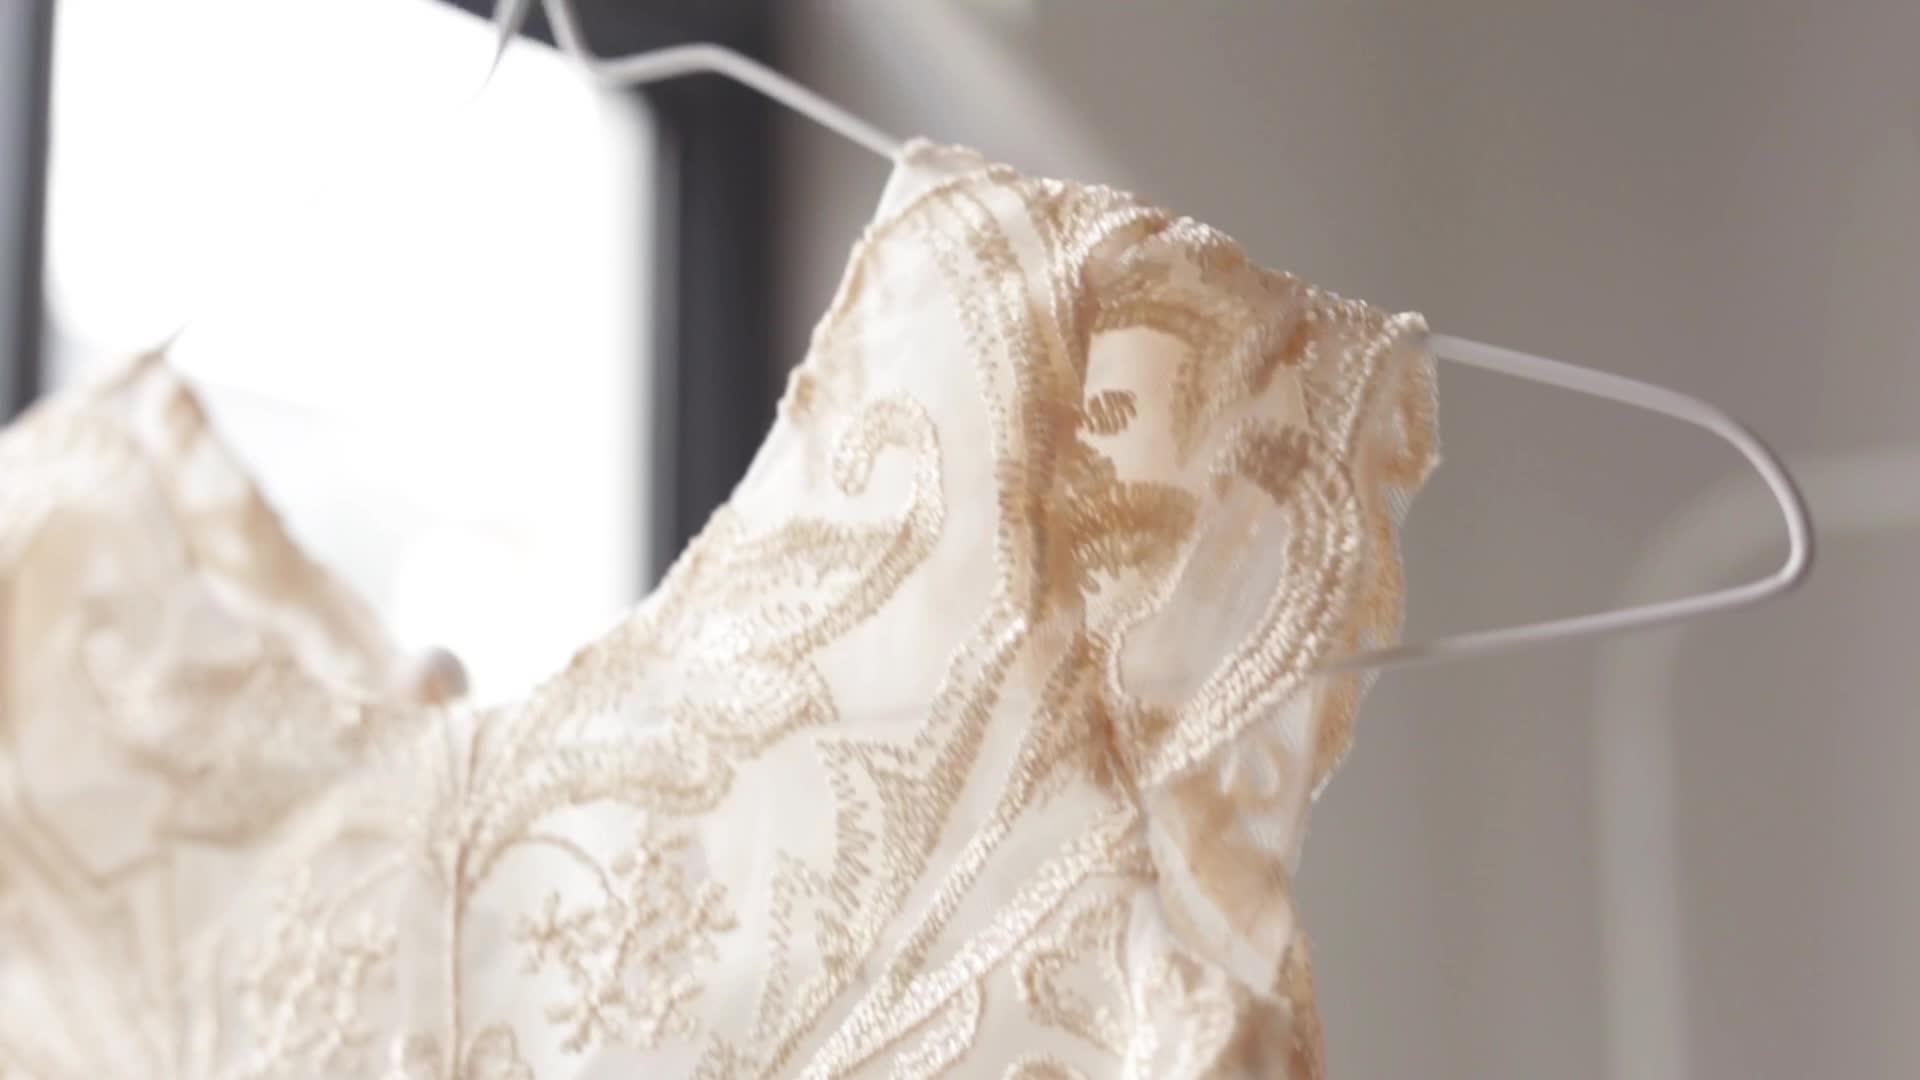 Эксклюзивная оптовая продажа, детское бальное платье с металлическим кружевом и рукавами-крылышками для маленьких девочек, длинное свадебное платье принцессы для маленьких девочек